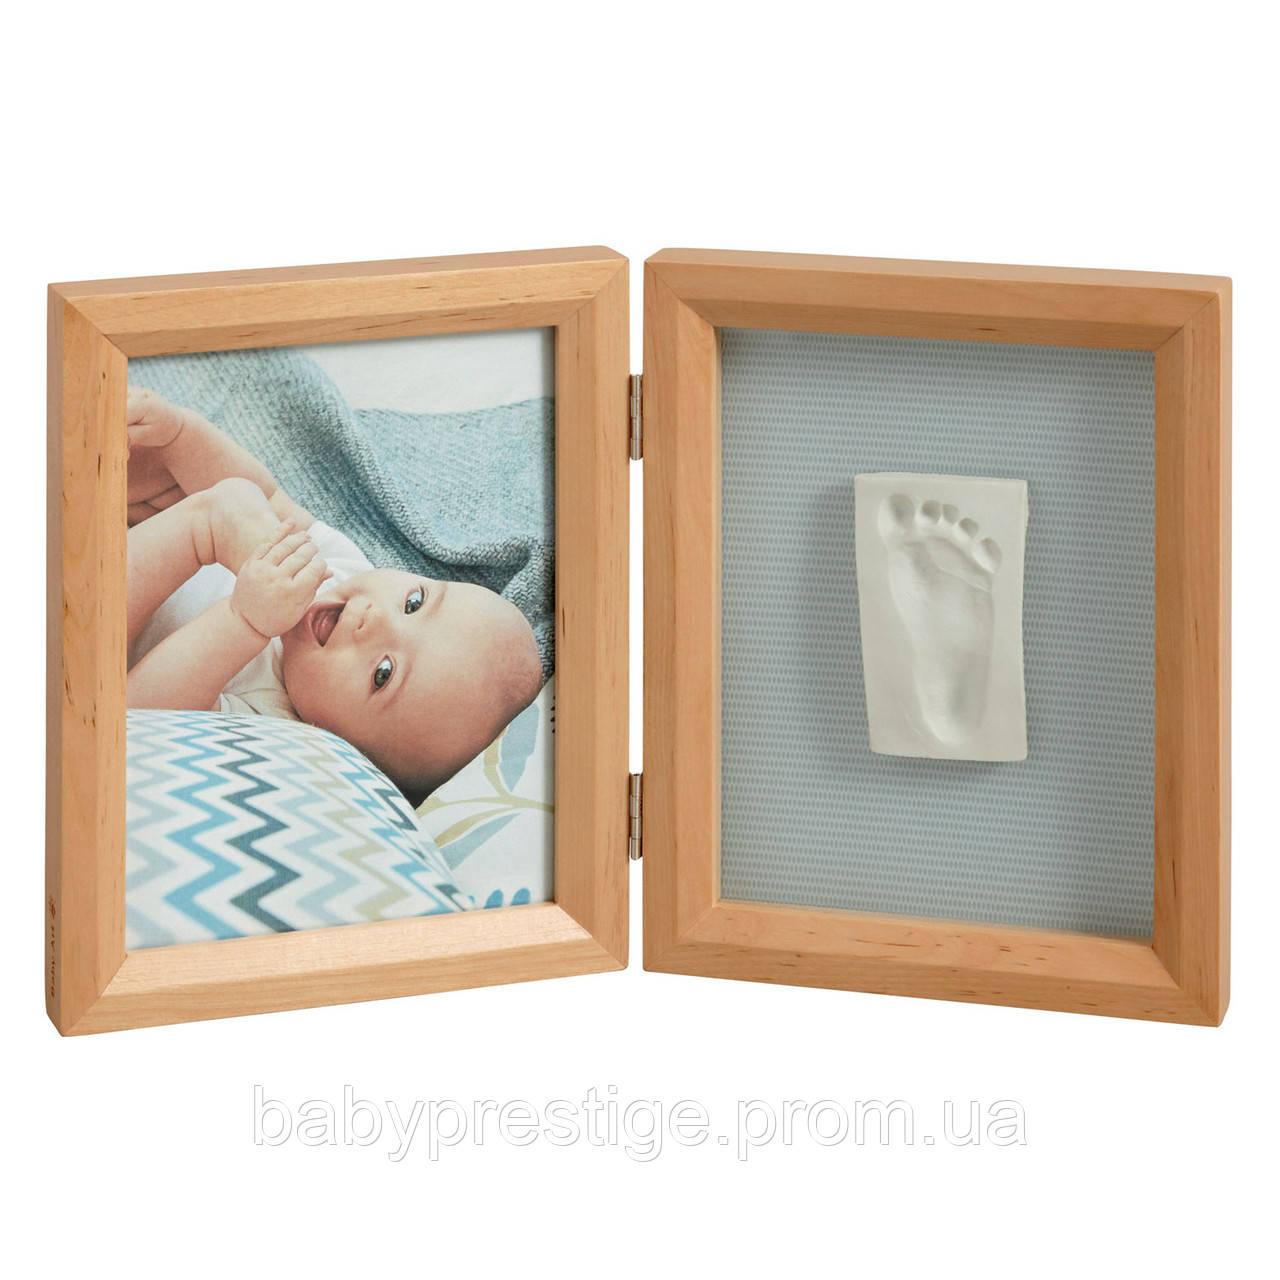 Набор детский для оттиска ручек и ножек Baby art Print Frame natural